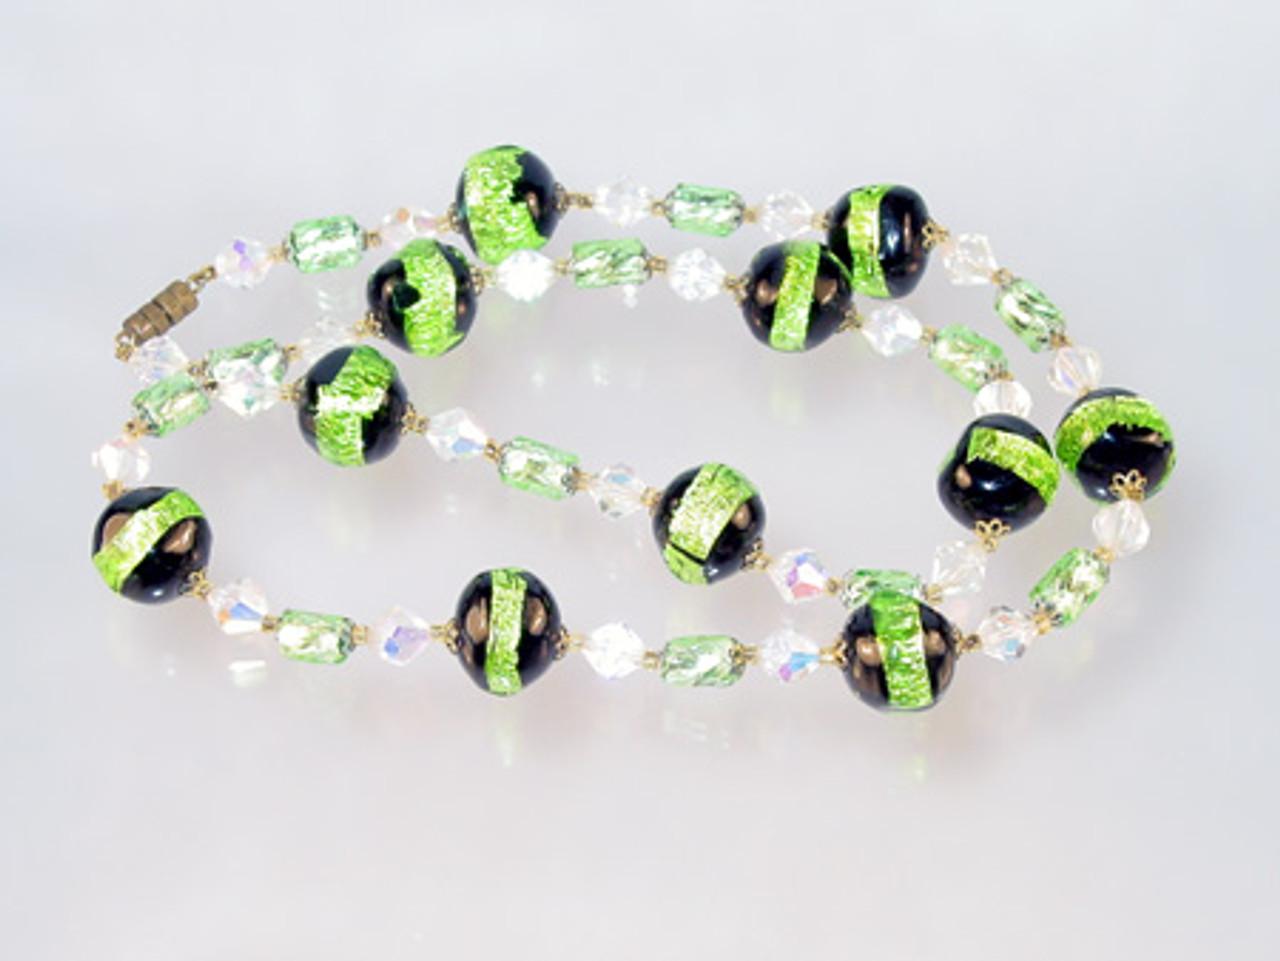 Vintage glass foil bead necklace